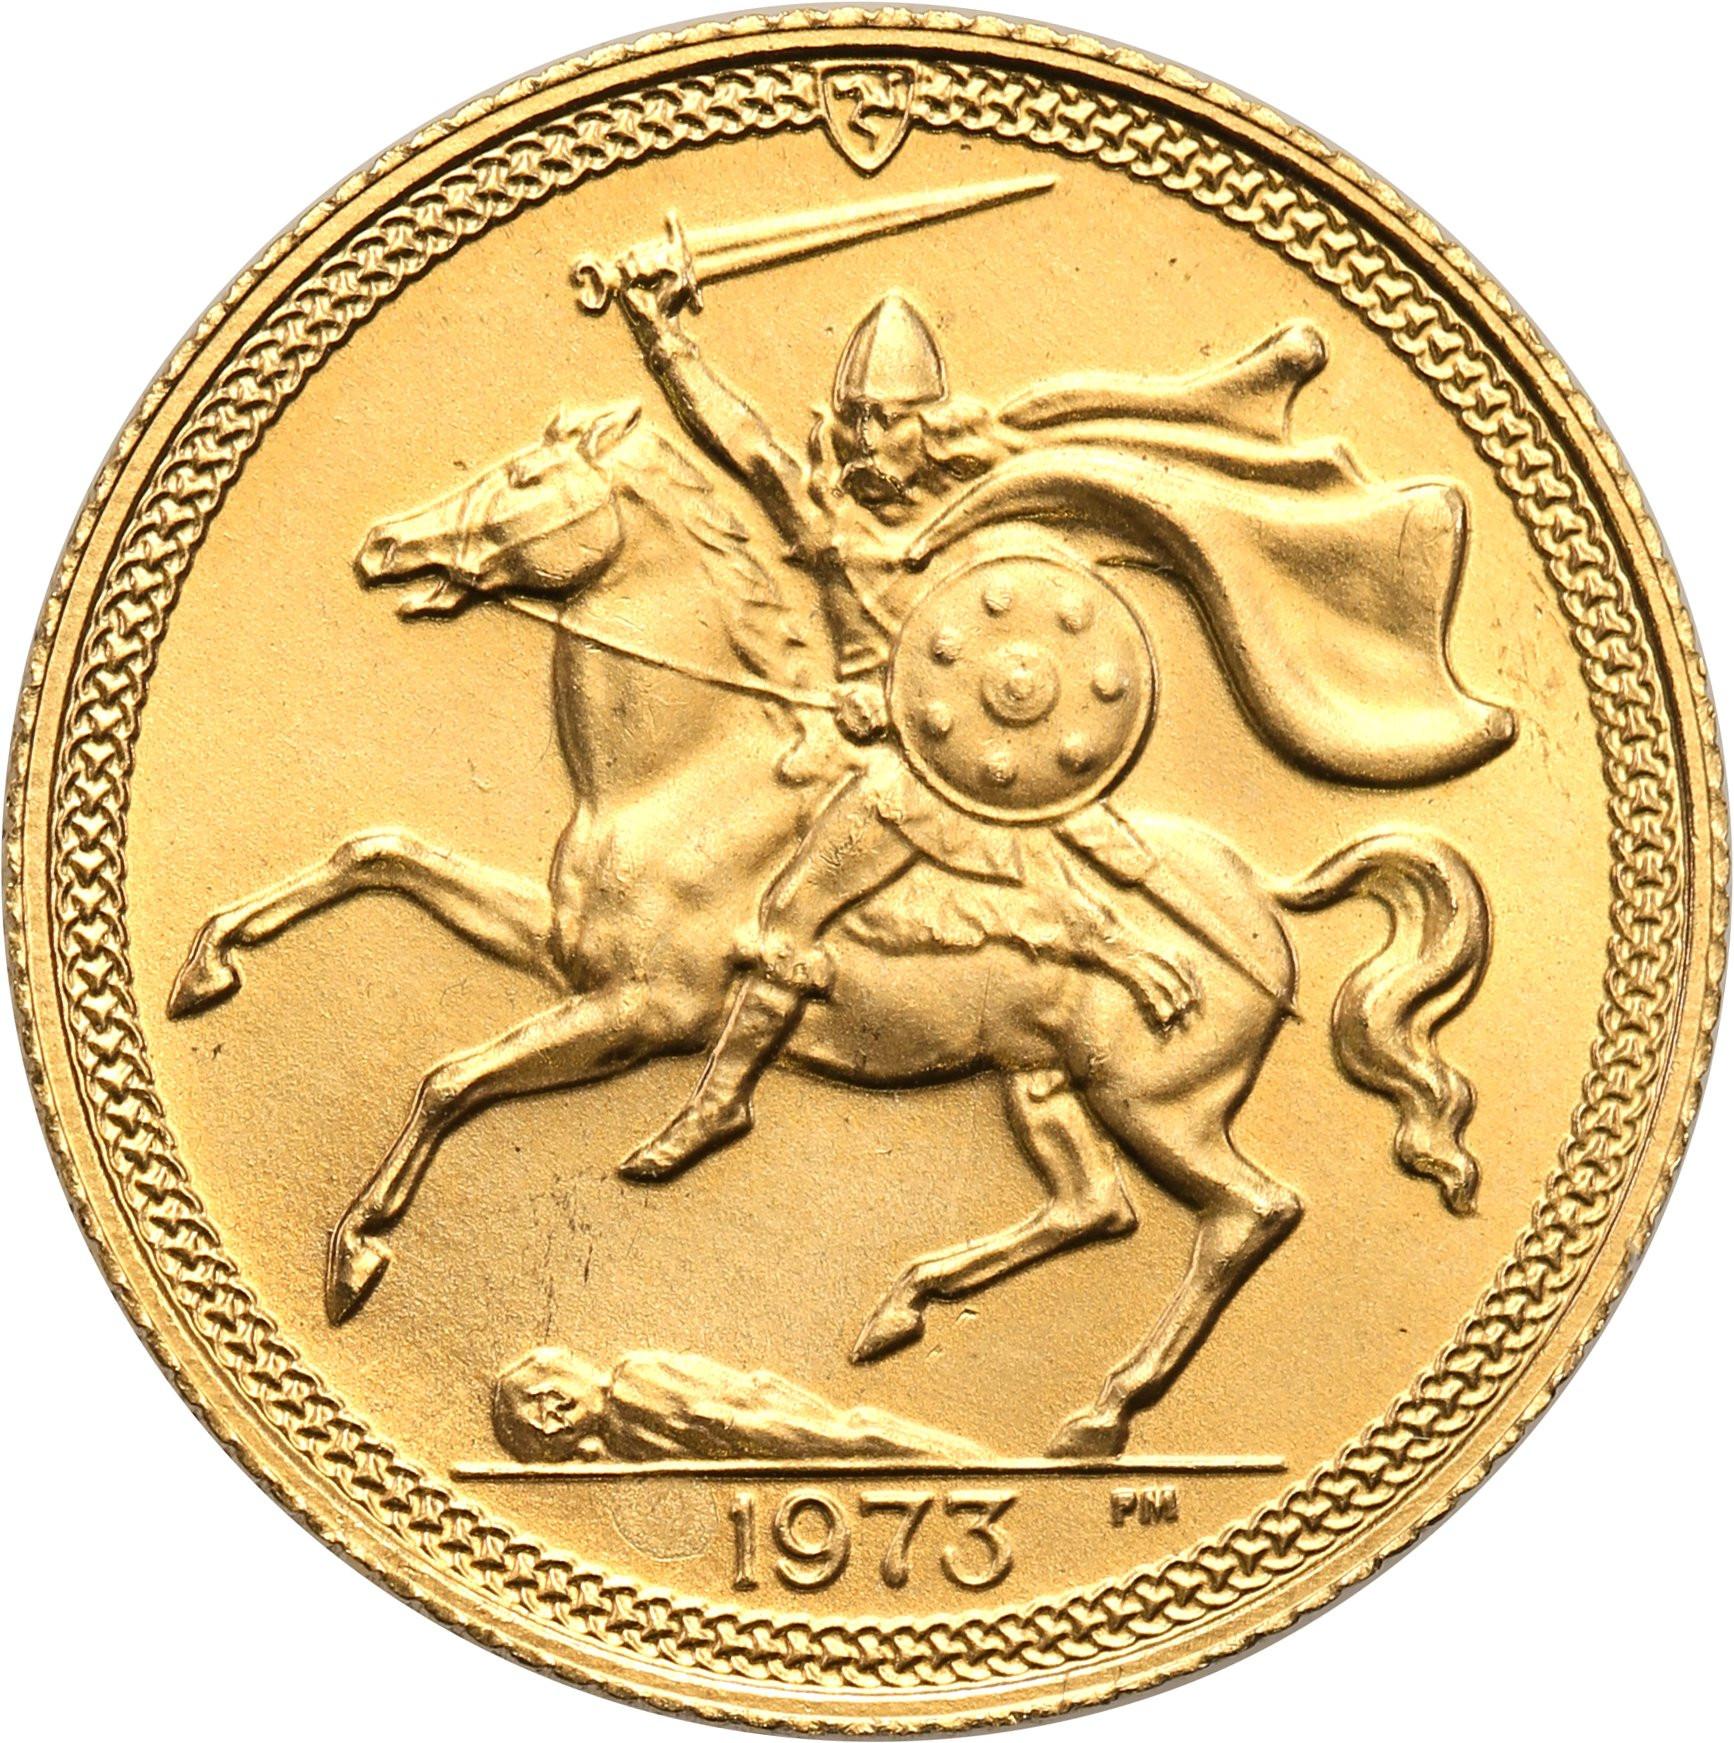 Isle of Man. Elżbieta II. 1 suweren (funt) 1973 – Złoto